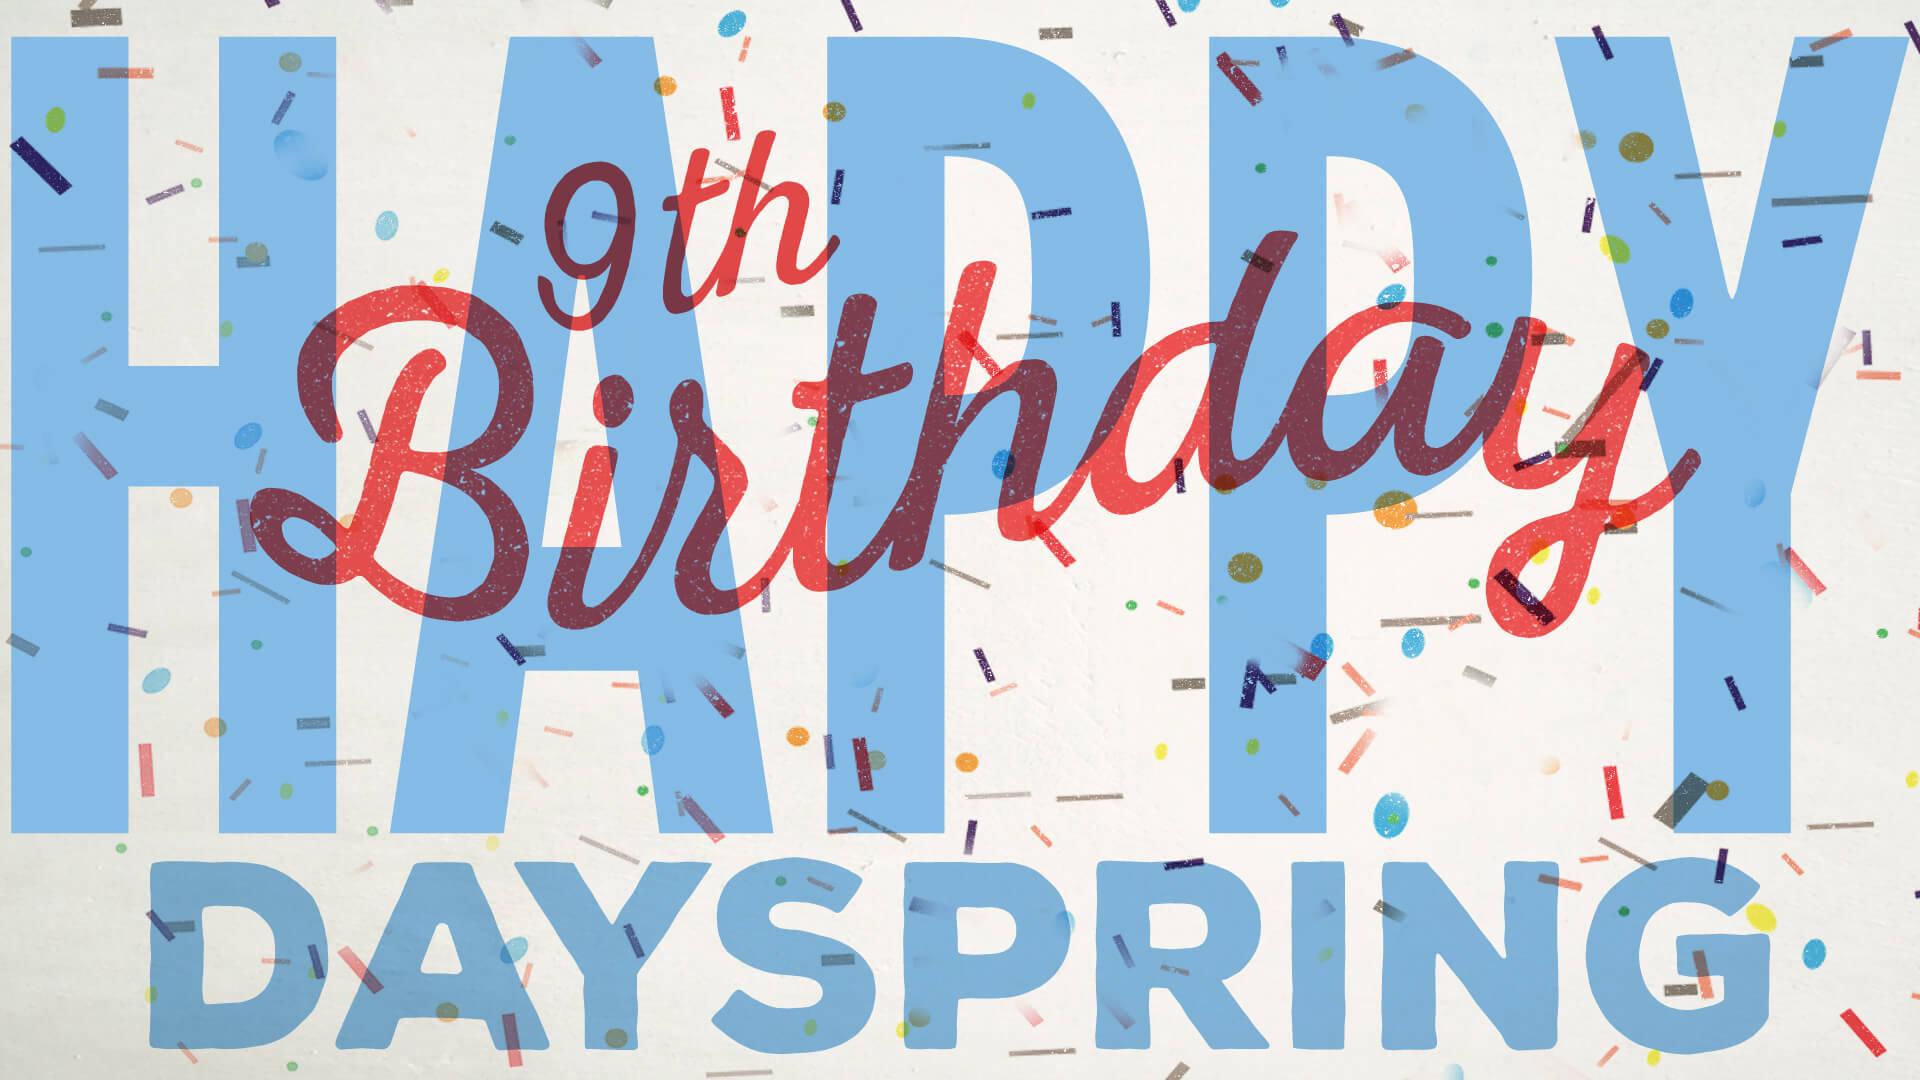 Dayspring-BDAY.jpg